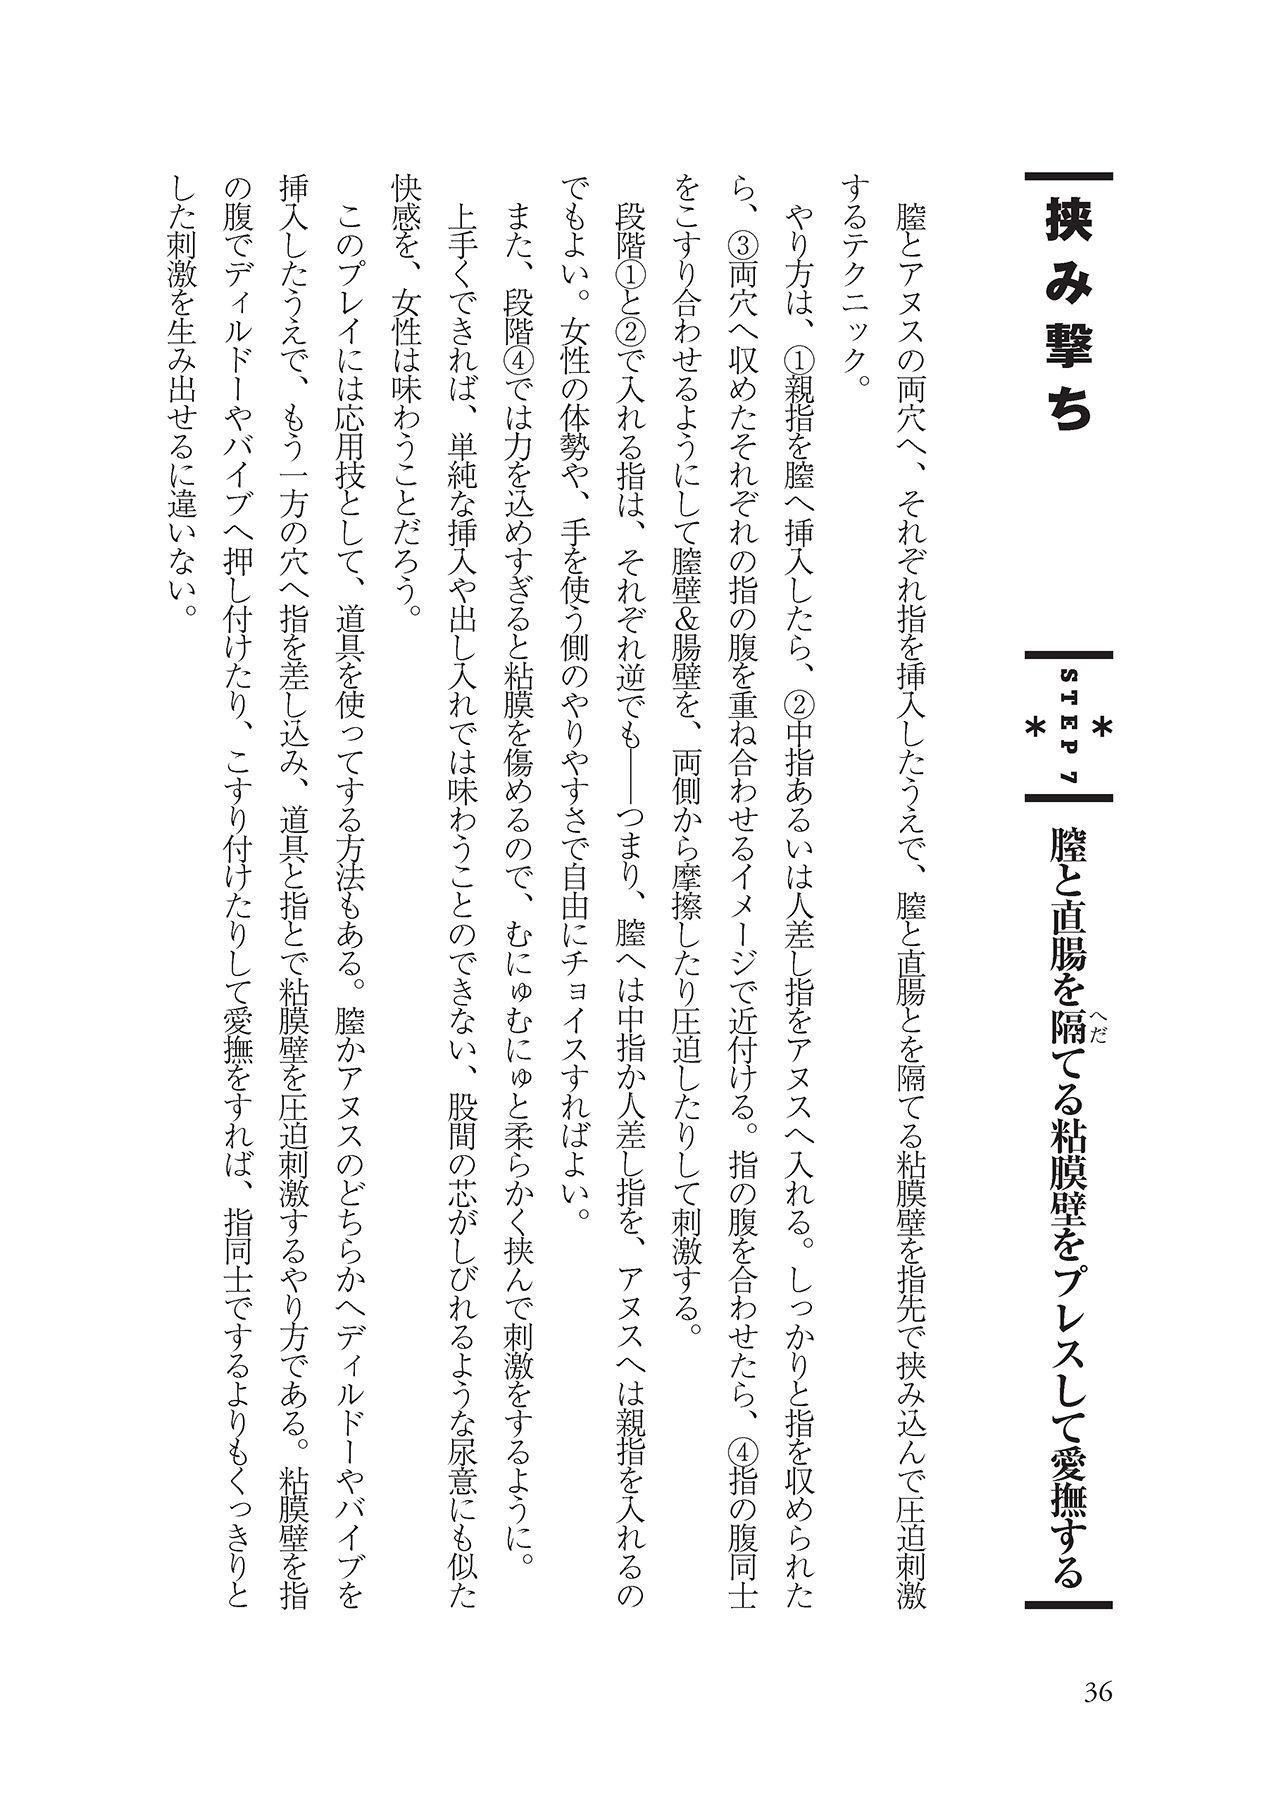 アナル性感開発・お尻エッチ 完全マニュアル 37